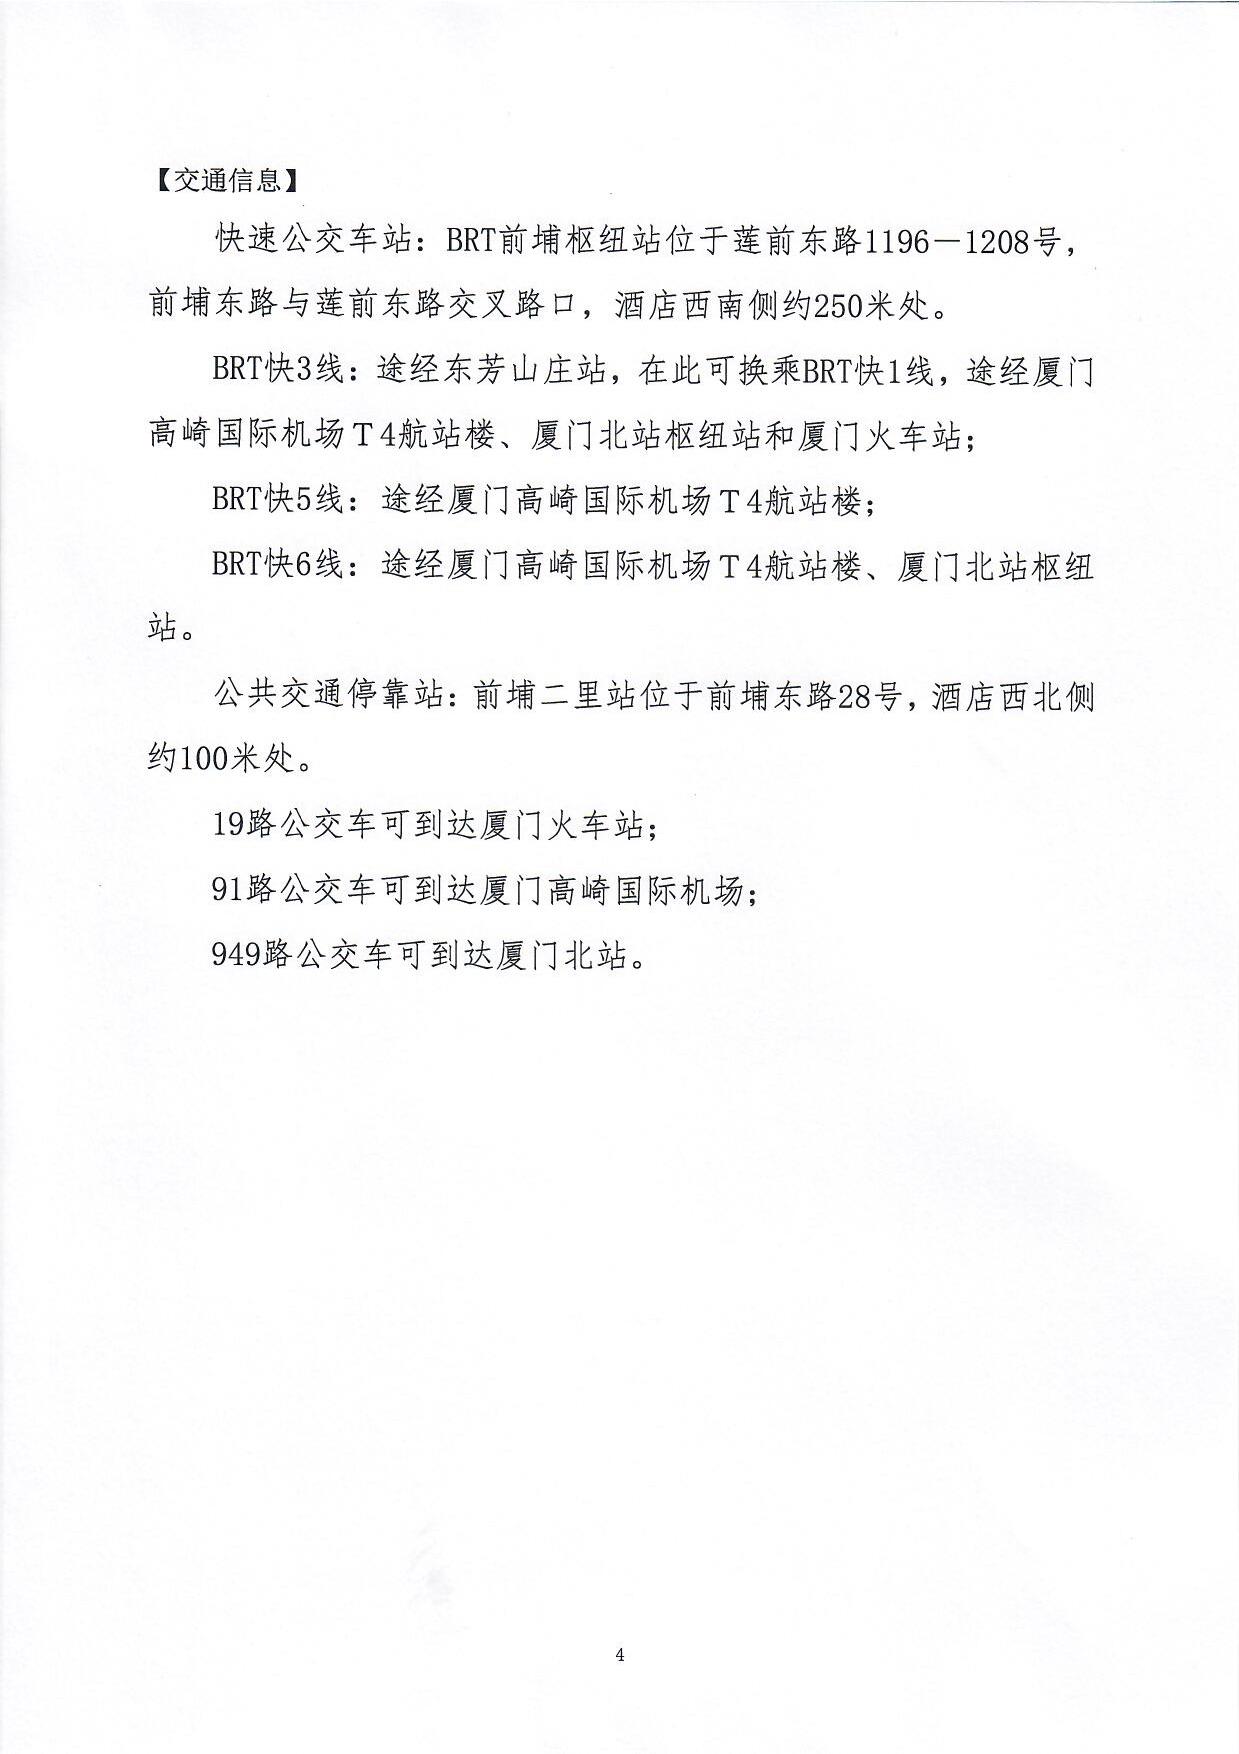 关于中国极限运动协会举办首期全国飞盘观察员及赛事执行官培训班的通知4